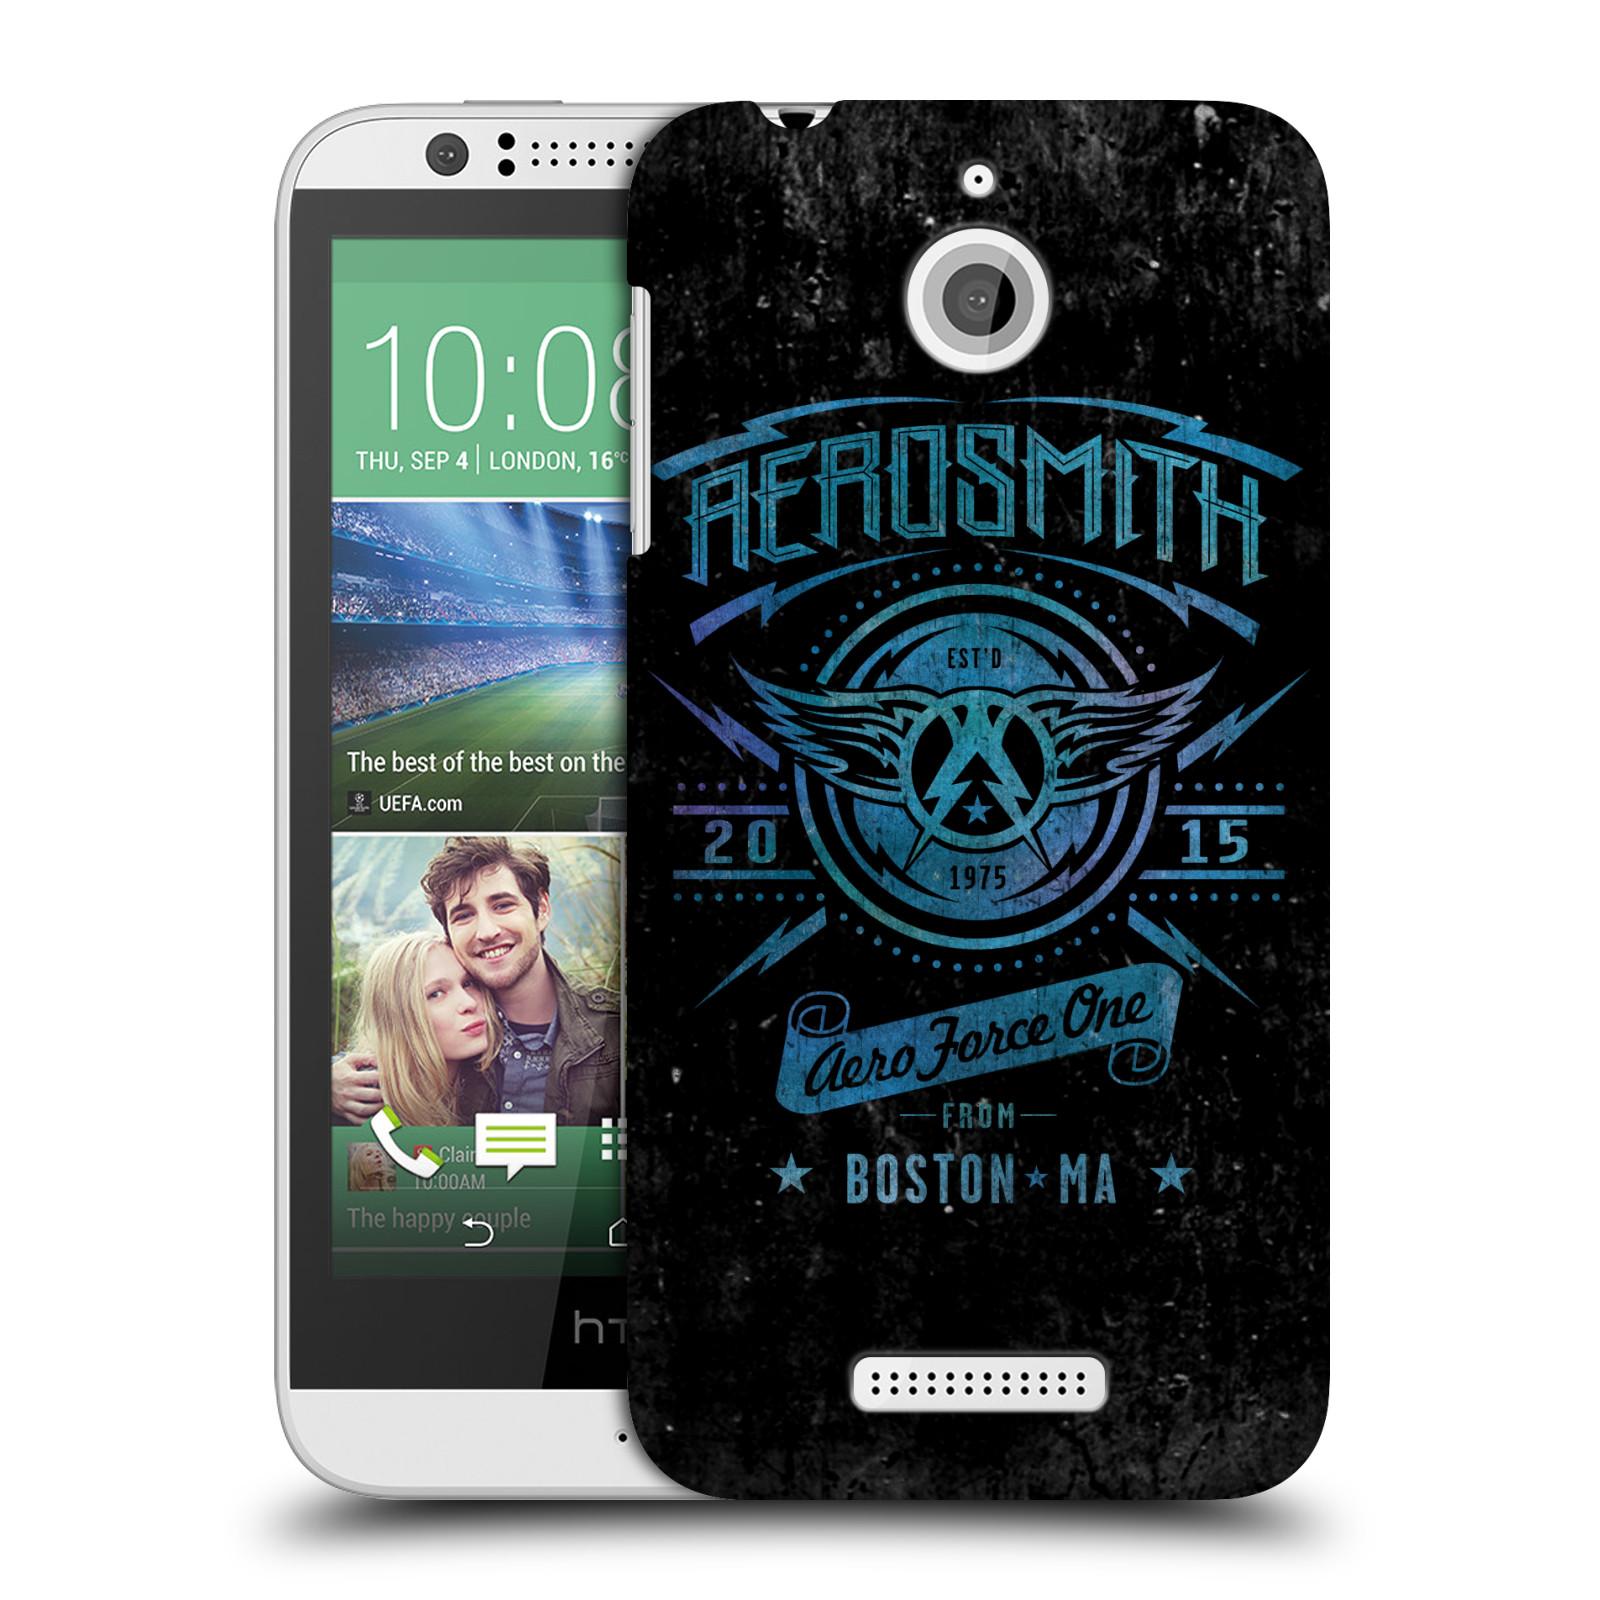 Plastové pouzdro na mobil HTC Desire 510 HEAD CASE - Aerosmith - Aero Force One